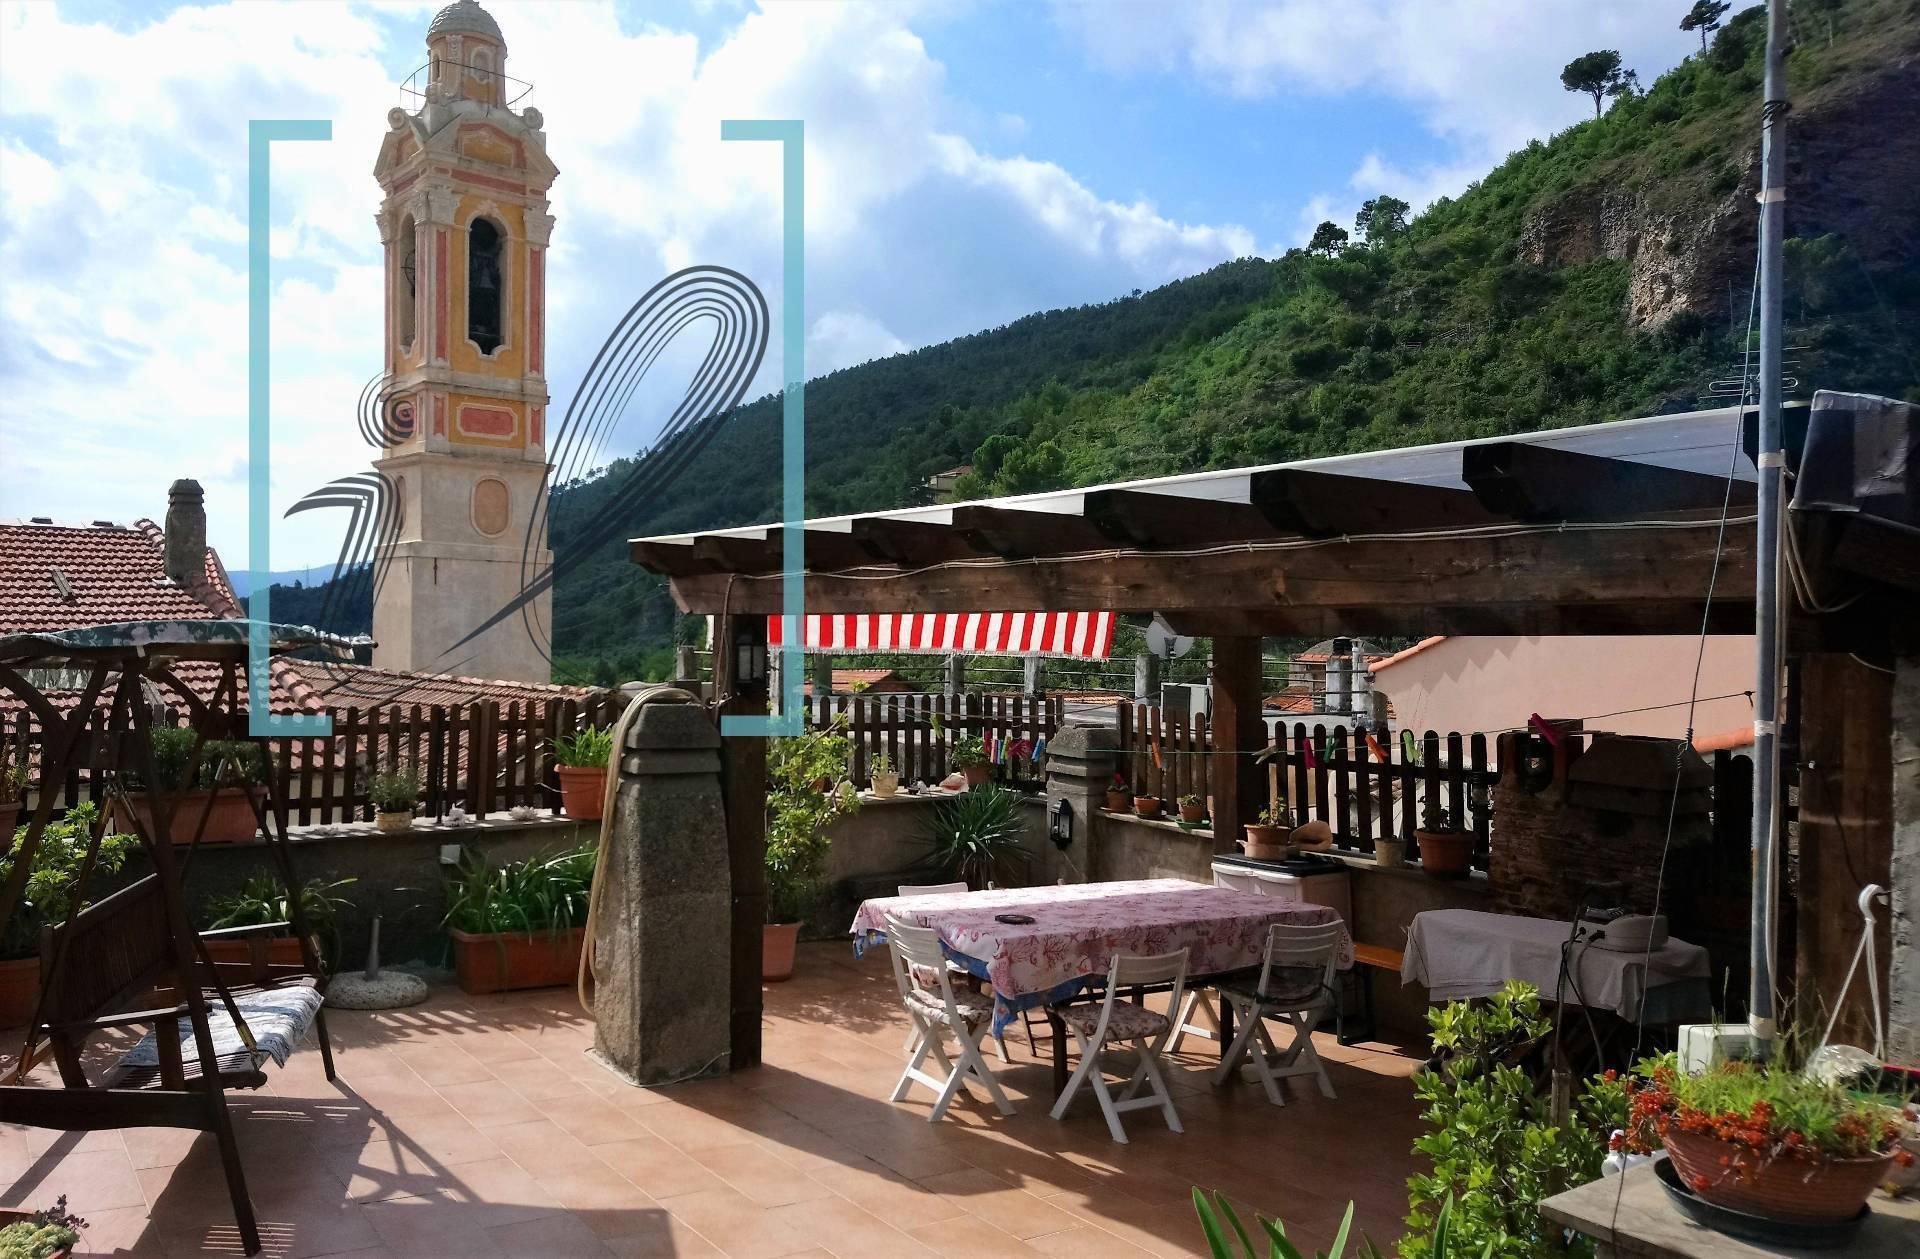 Rustico / Casale in vendita a Cisano sul Neva, 5 locali, prezzo € 180.000   PortaleAgenzieImmobiliari.it